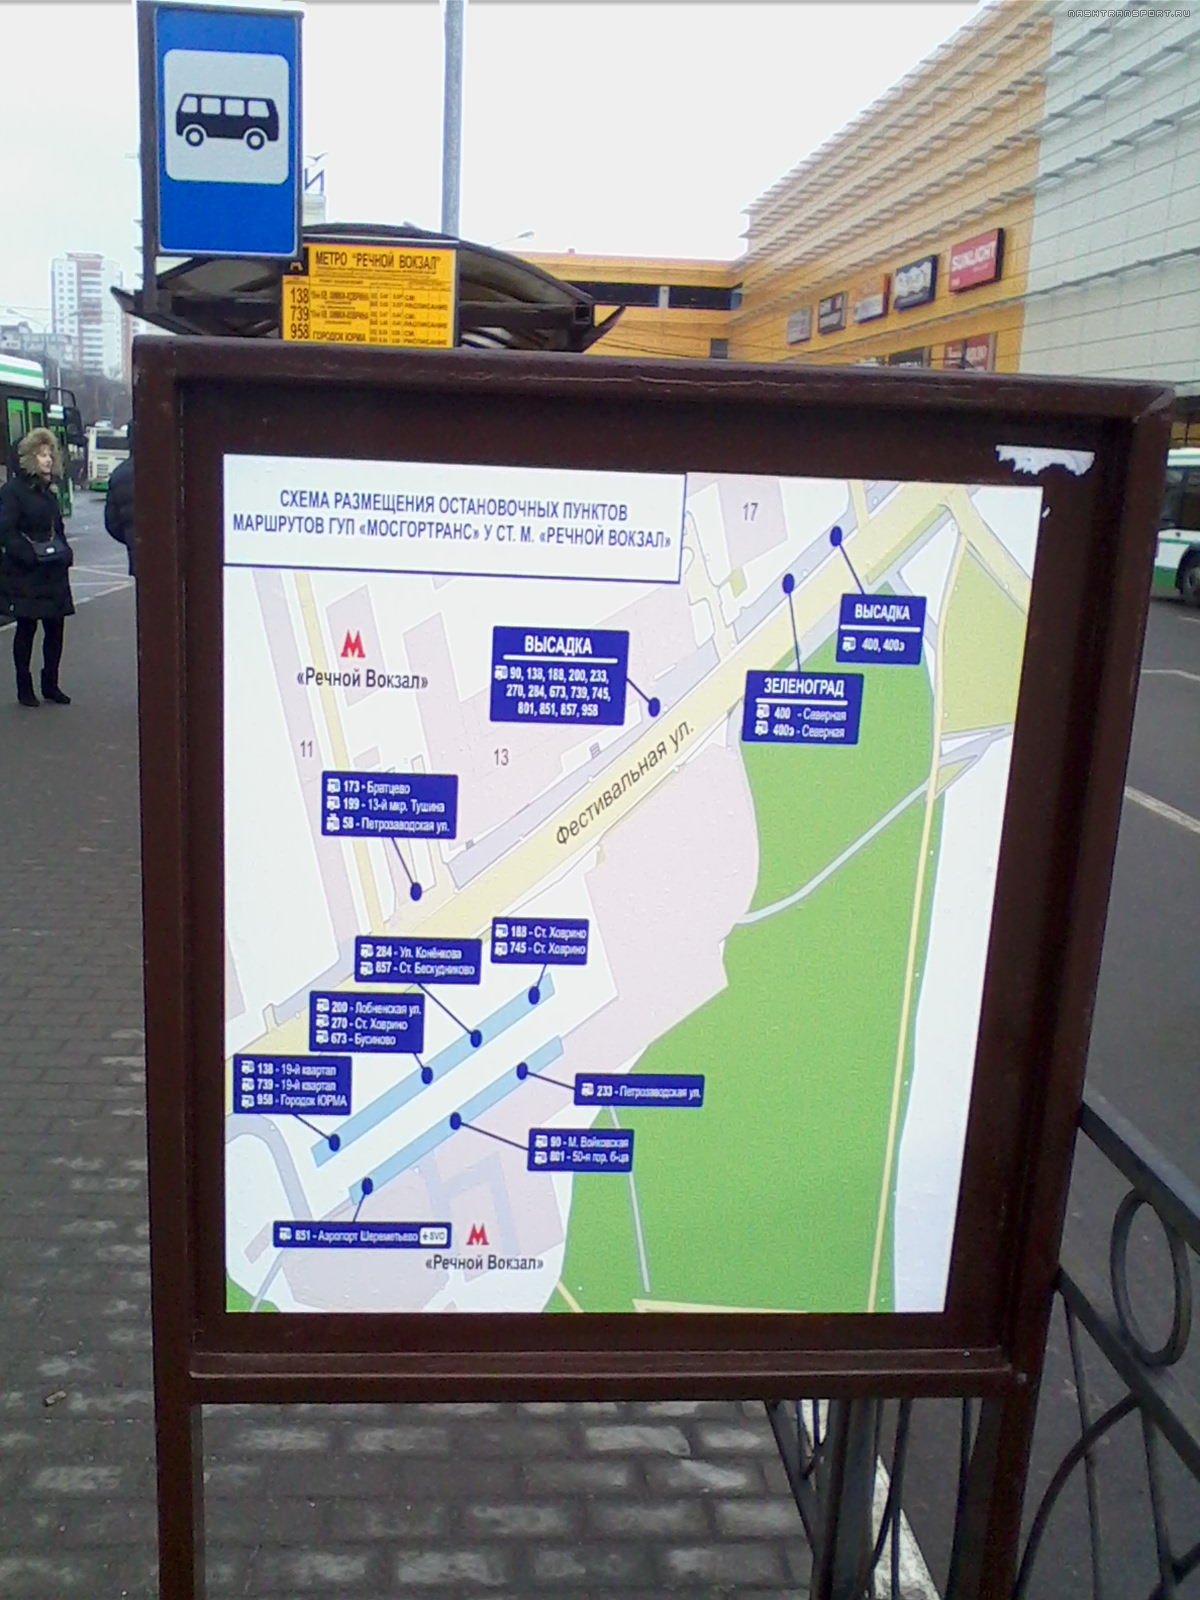 Речной вокзал схема остановки автобусов